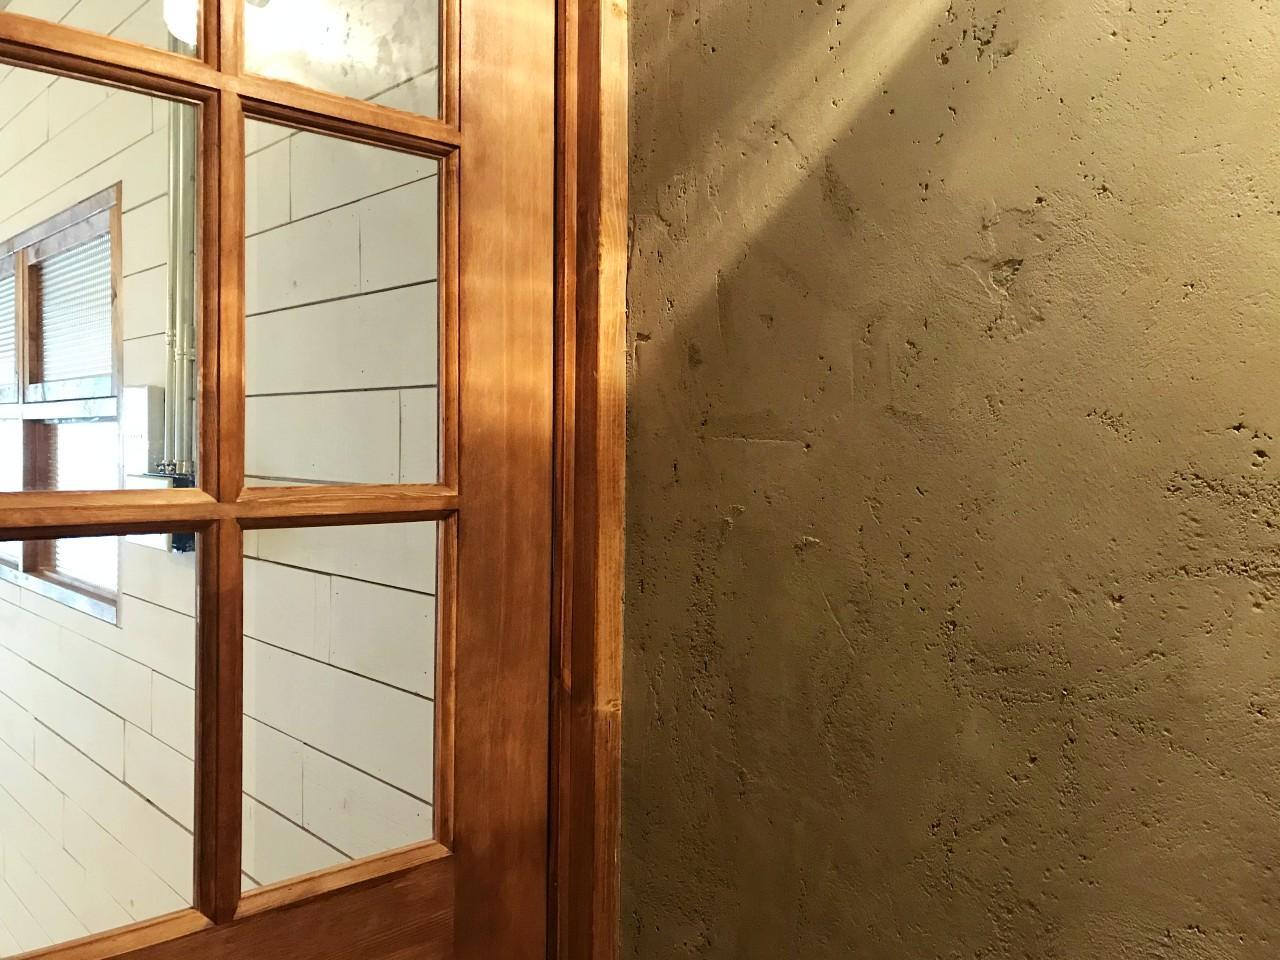 壁の手仕事感が完成度を高めてます